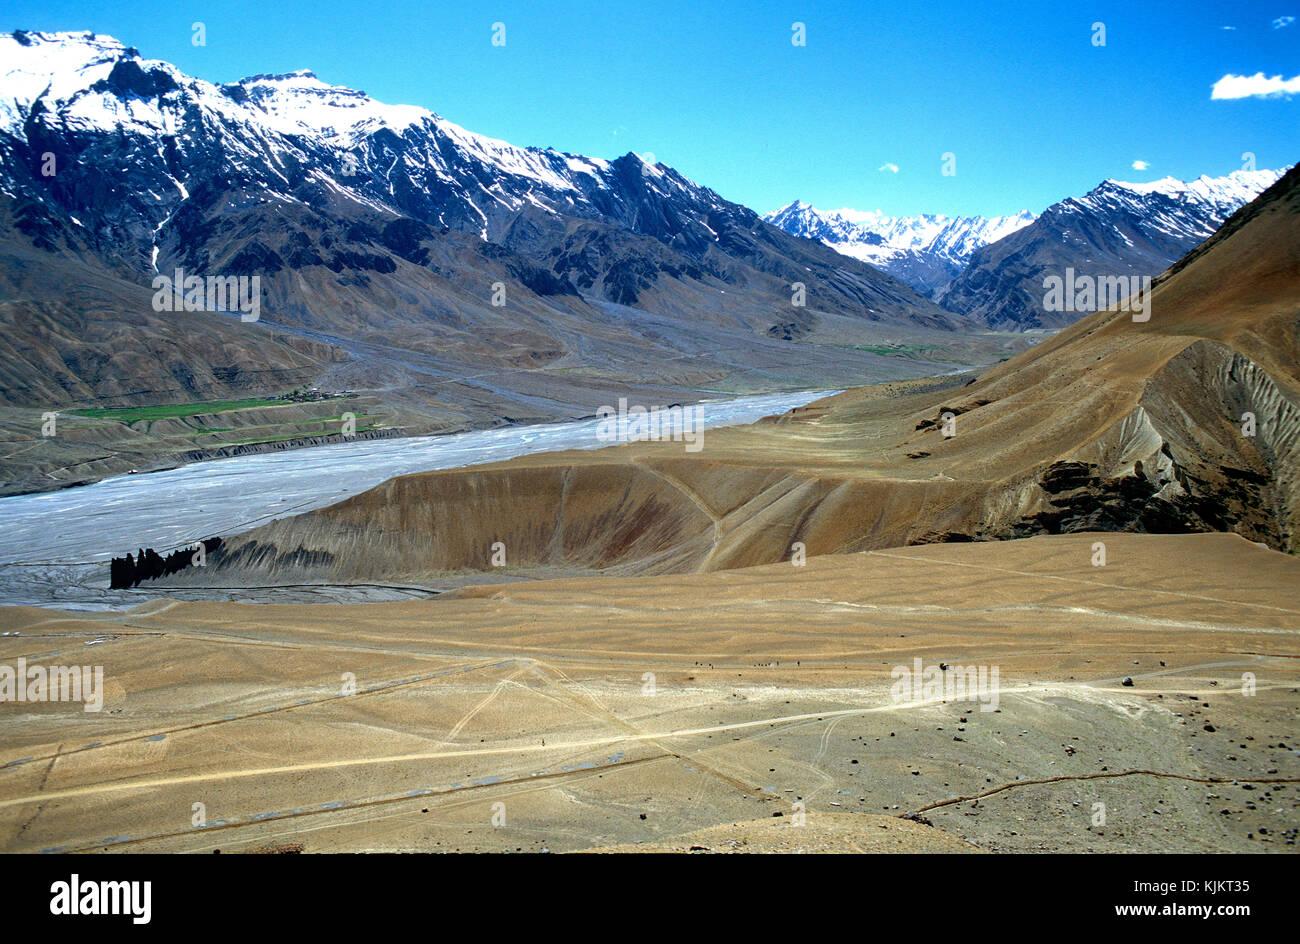 Spiti river landscape. India. - Stock Image